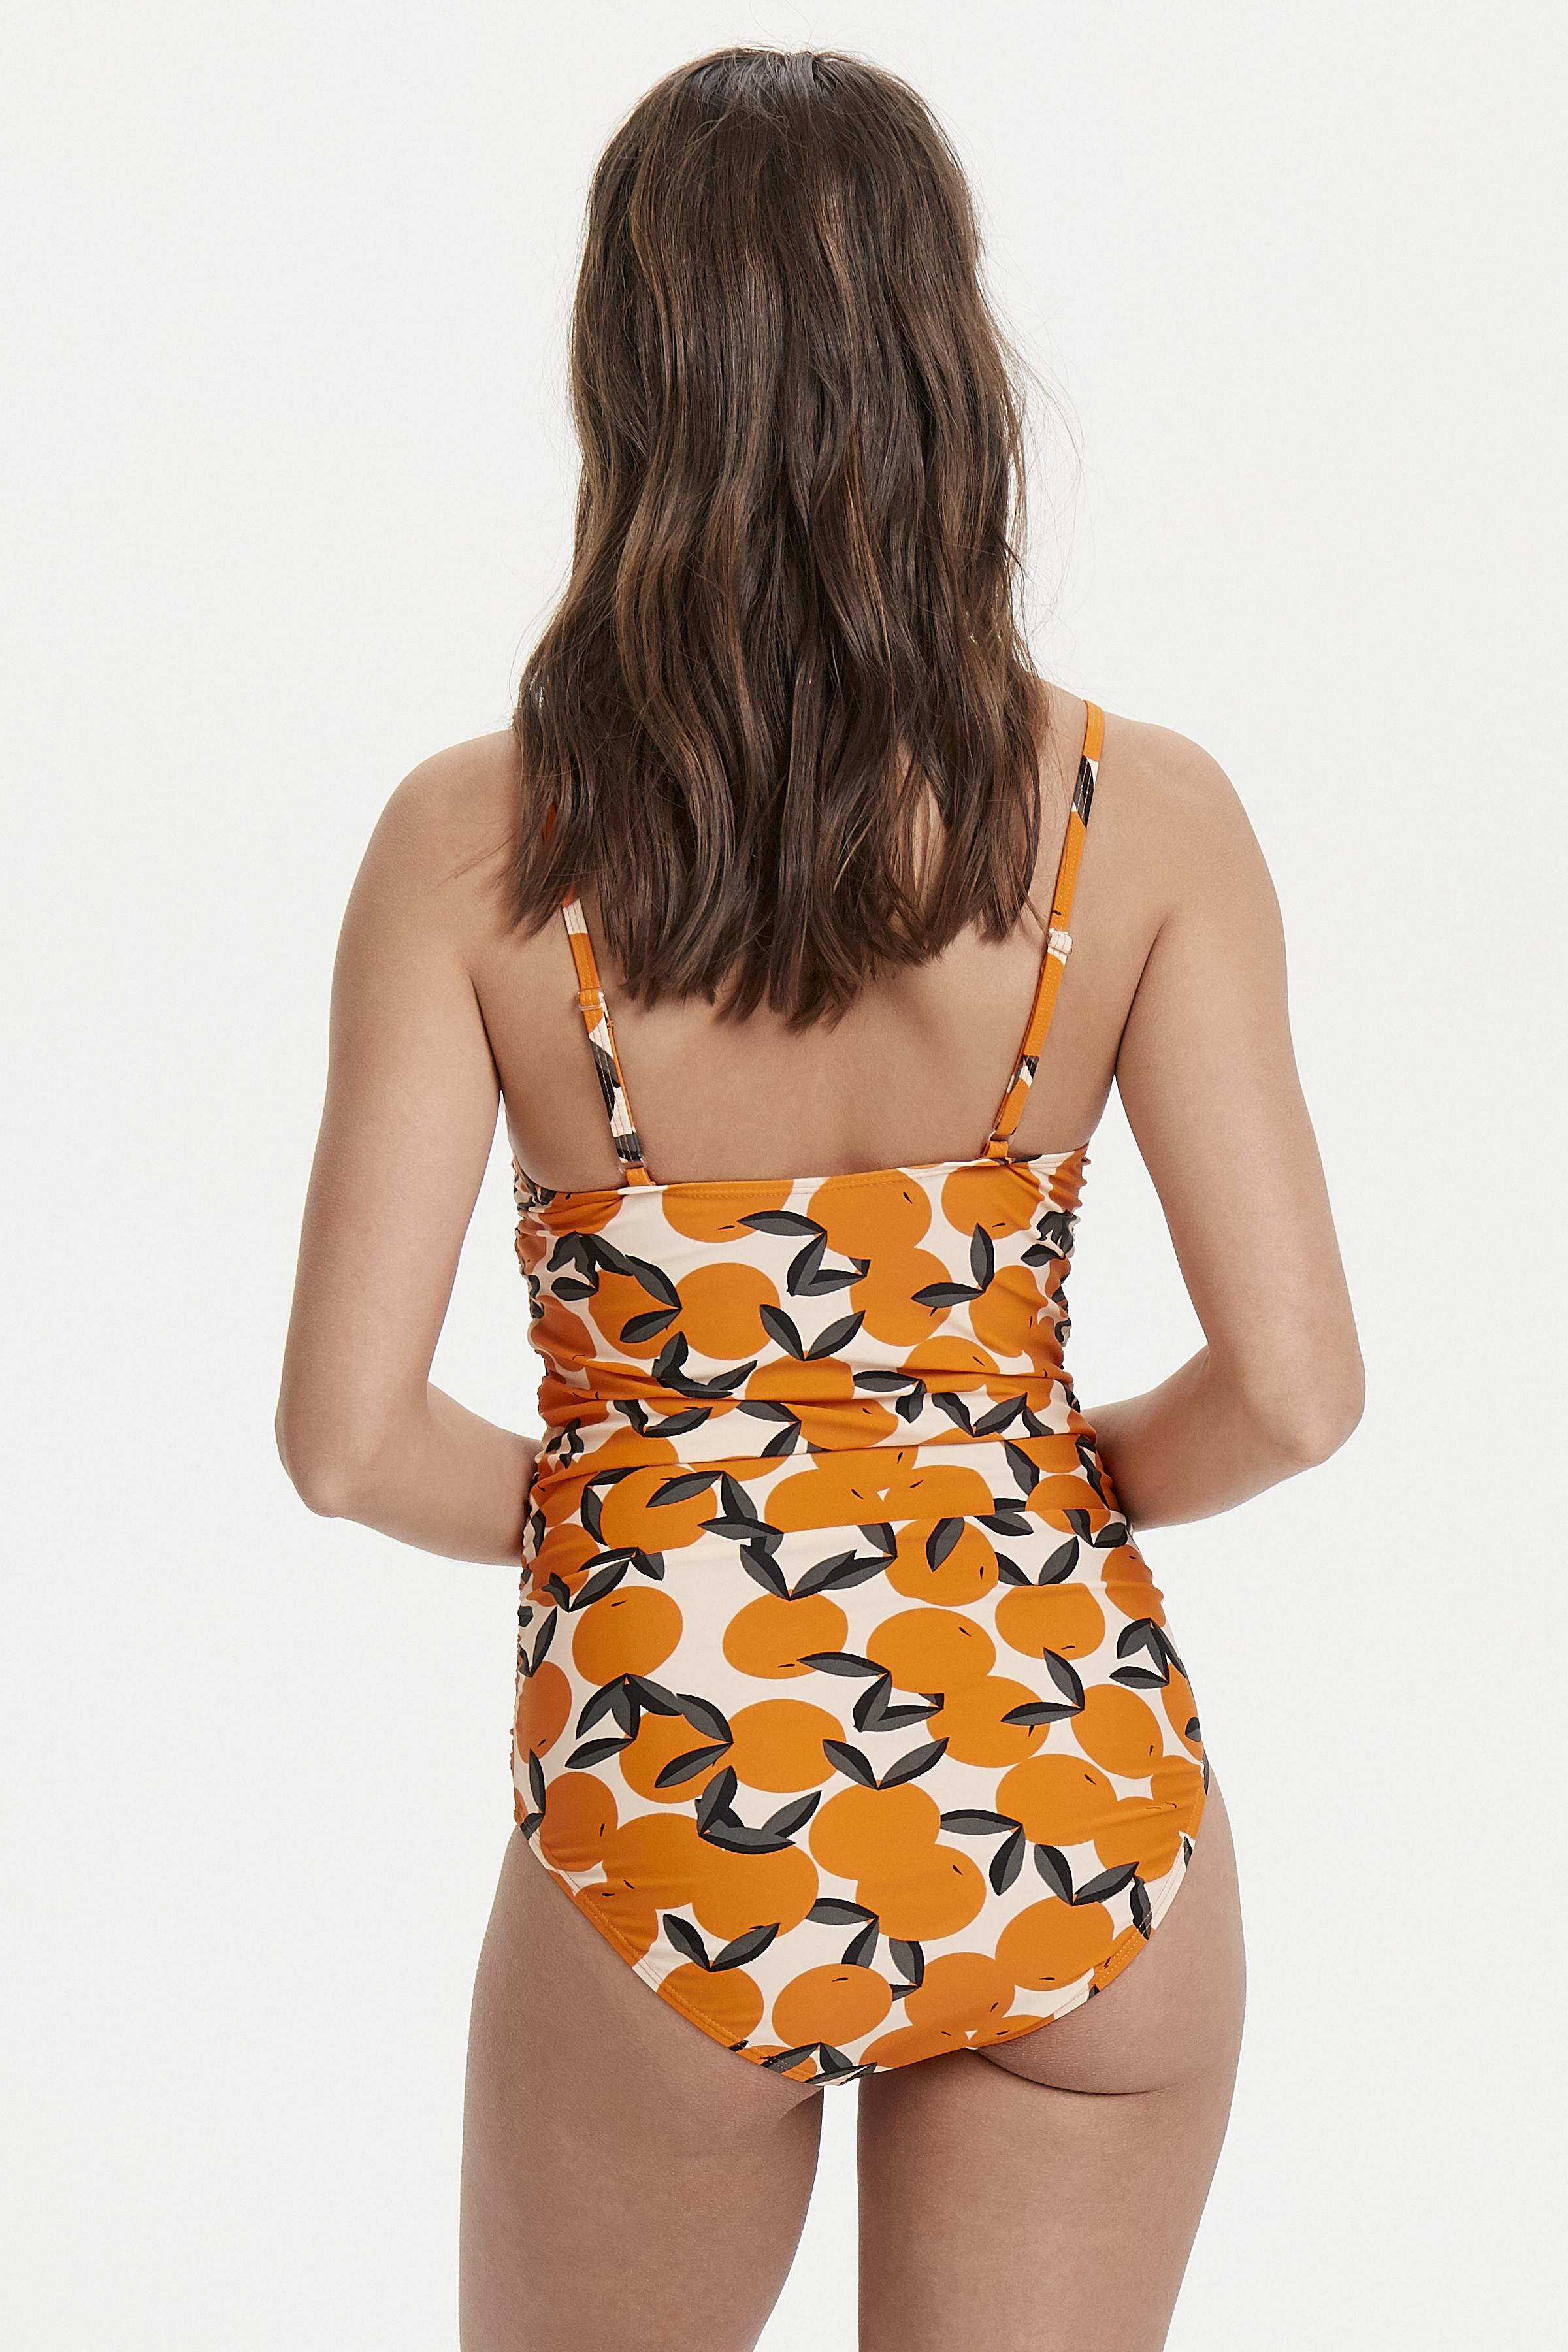 Bisque Swimwear fra Ichi - accessories – Køb Bisque Swimwear fra str. XS/S-M/L her